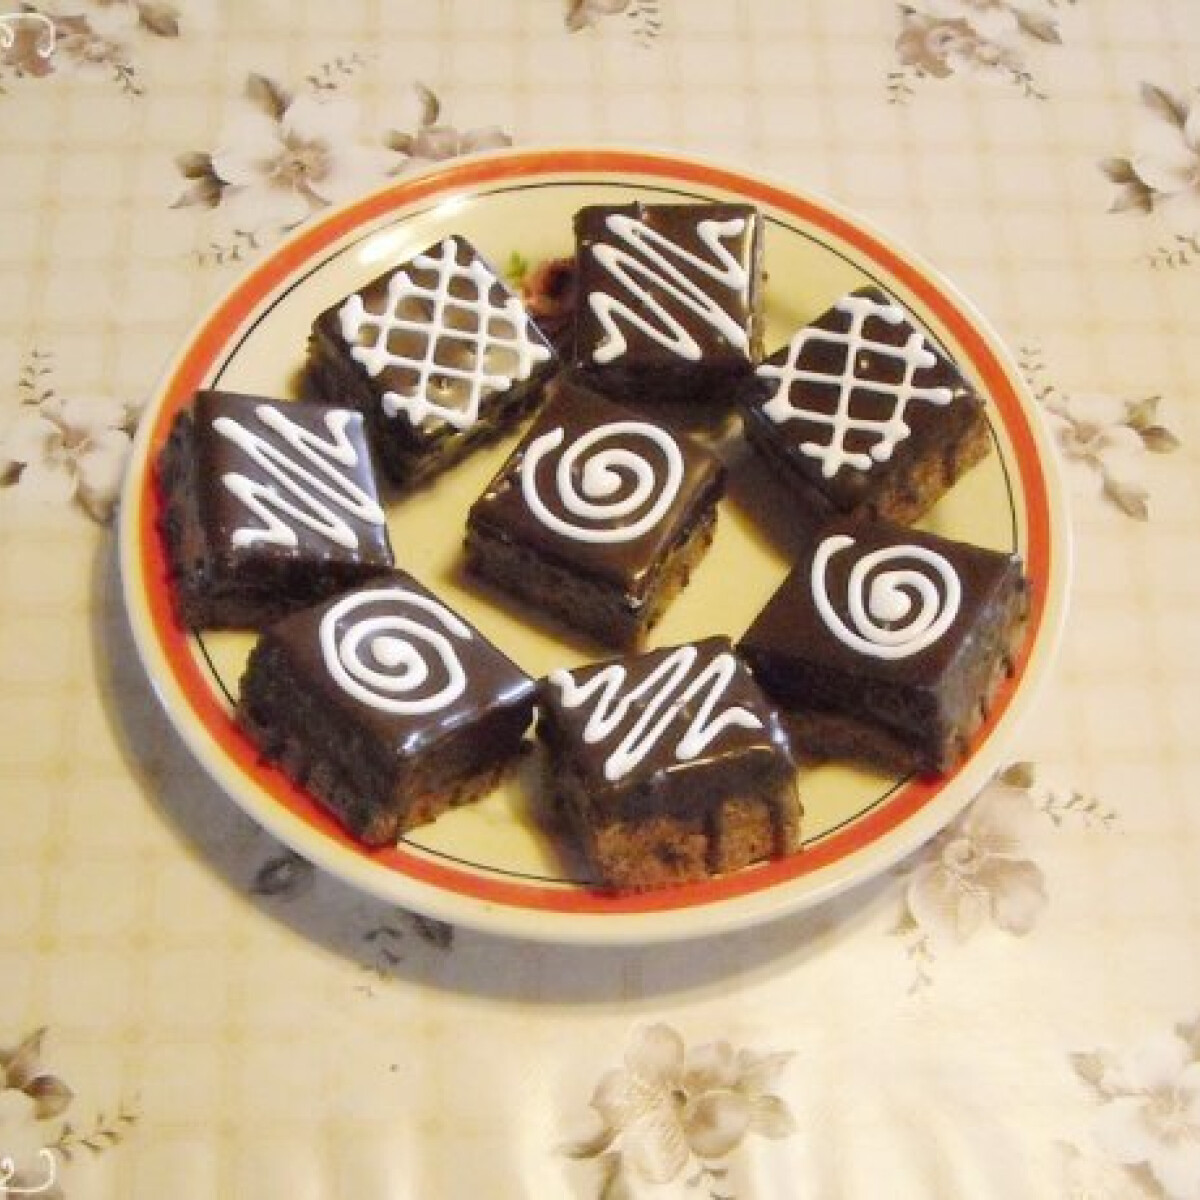 Ezen a képen: Csokis kocka Nikóka